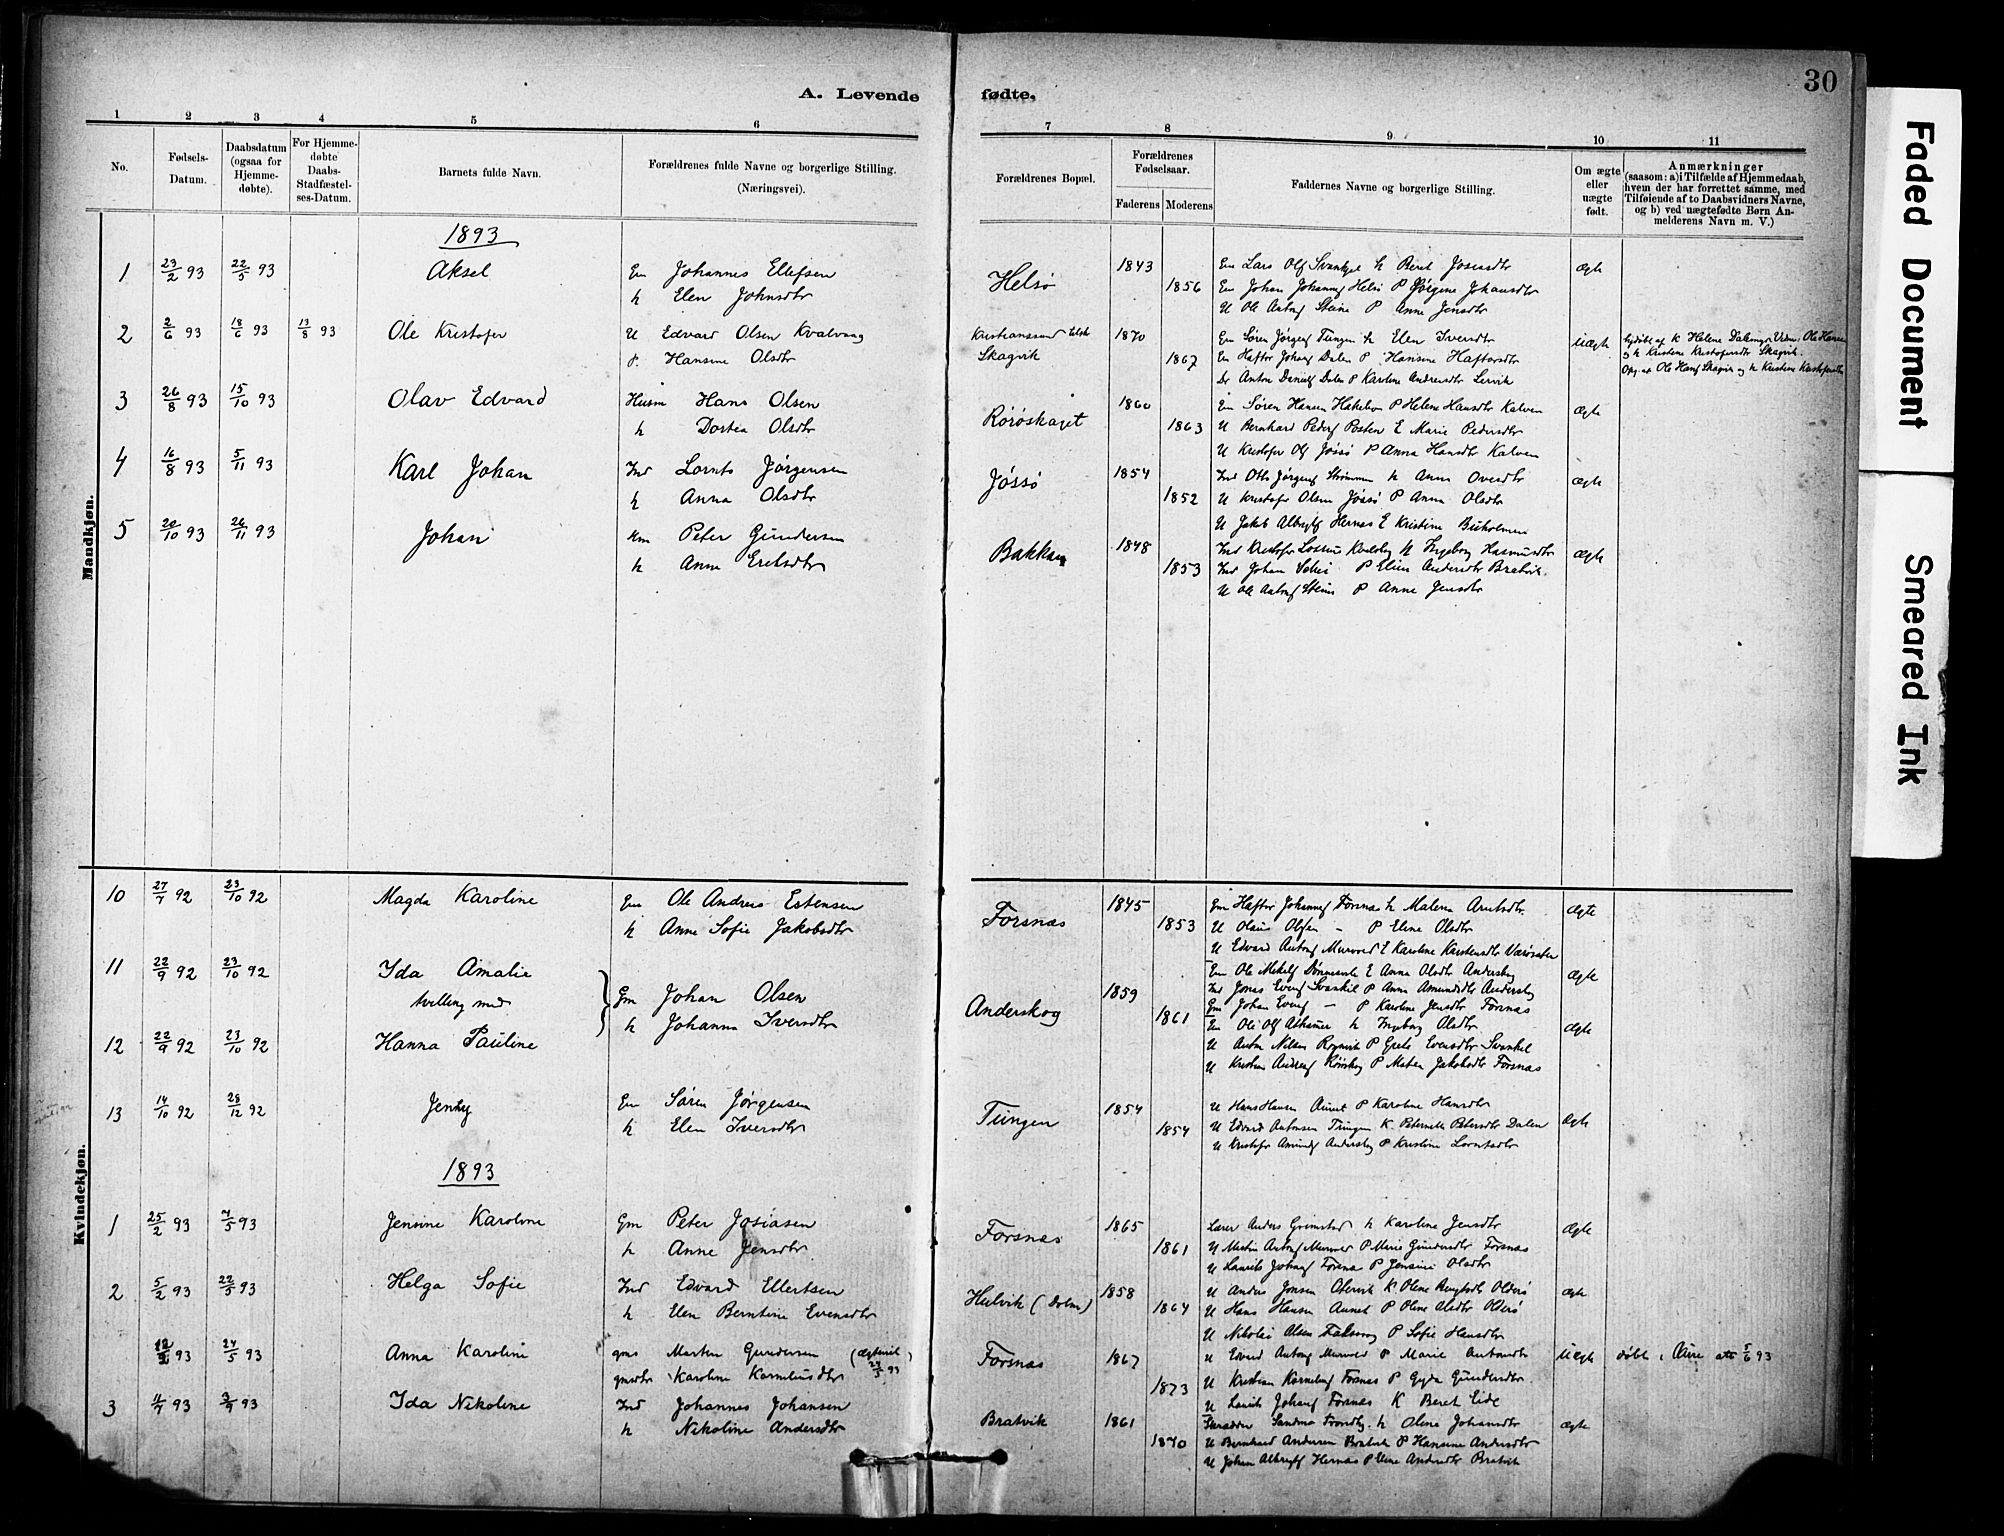 SAT, Ministerialprotokoller, klokkerbøker og fødselsregistre - Sør-Trøndelag, 635/L0551: Ministerialbok nr. 635A01, 1882-1899, s. 30